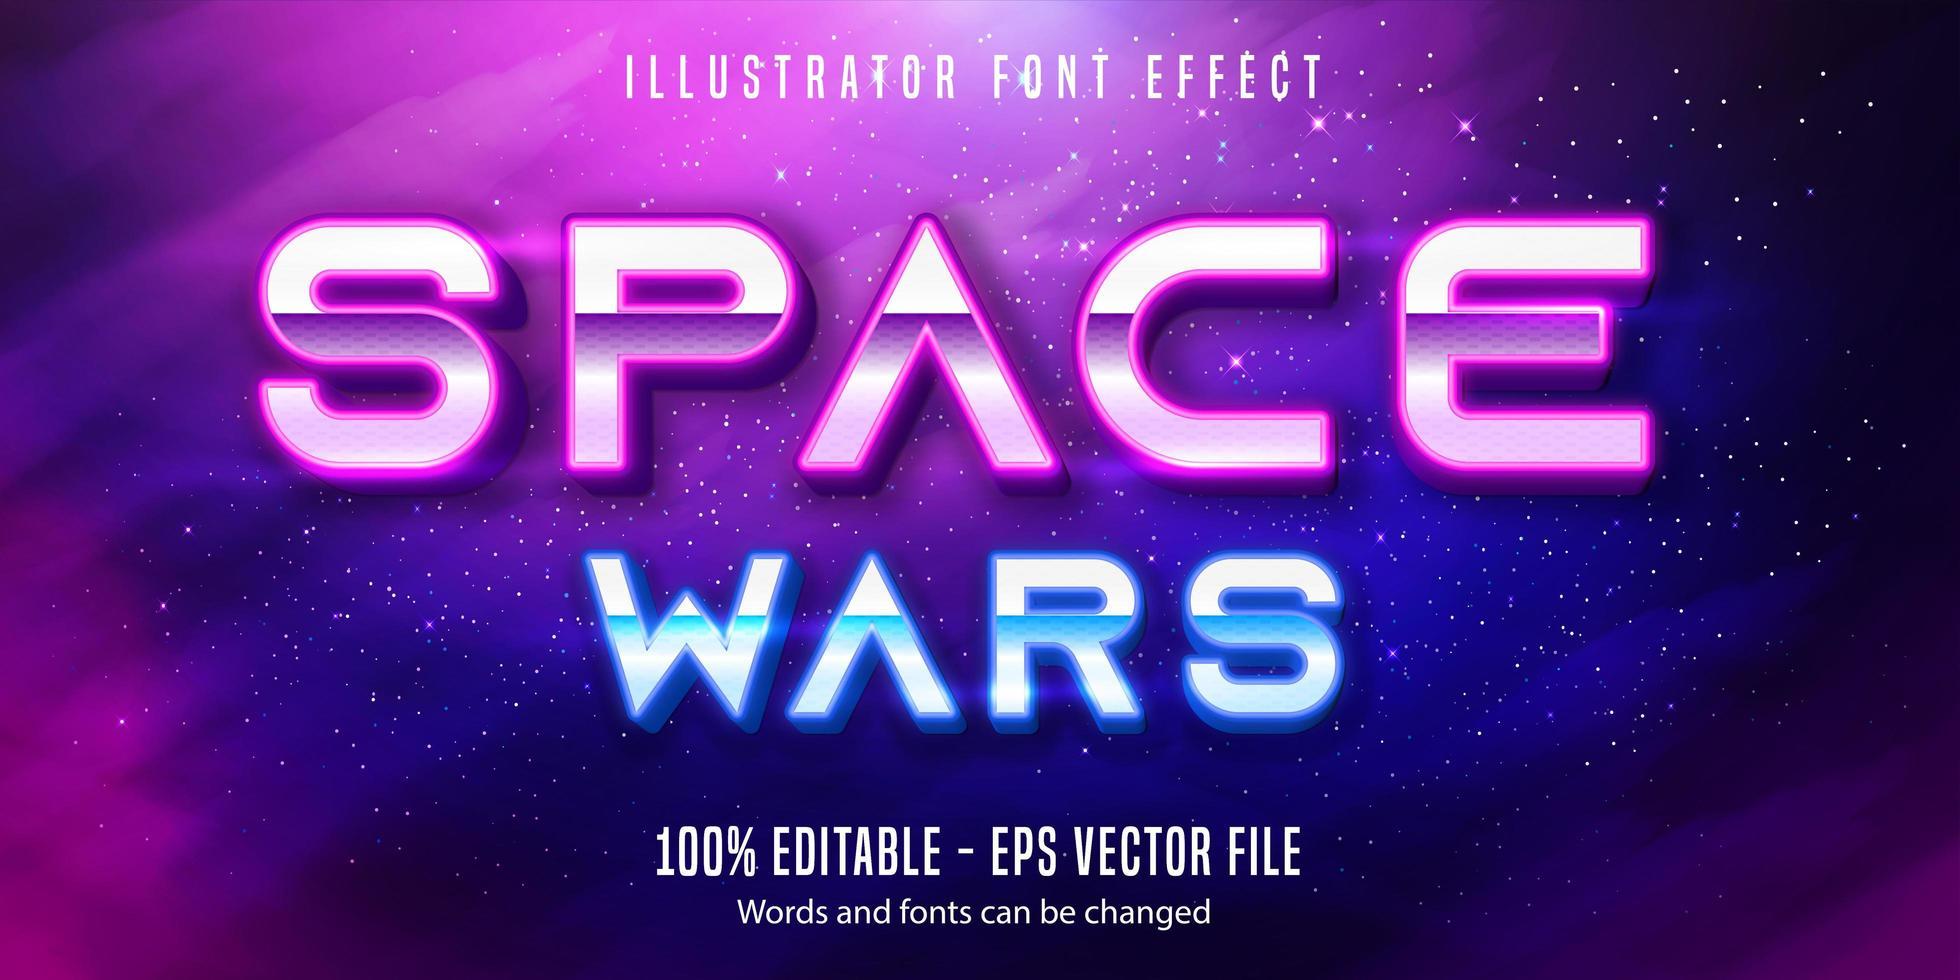 rymd krig text effekt vektor